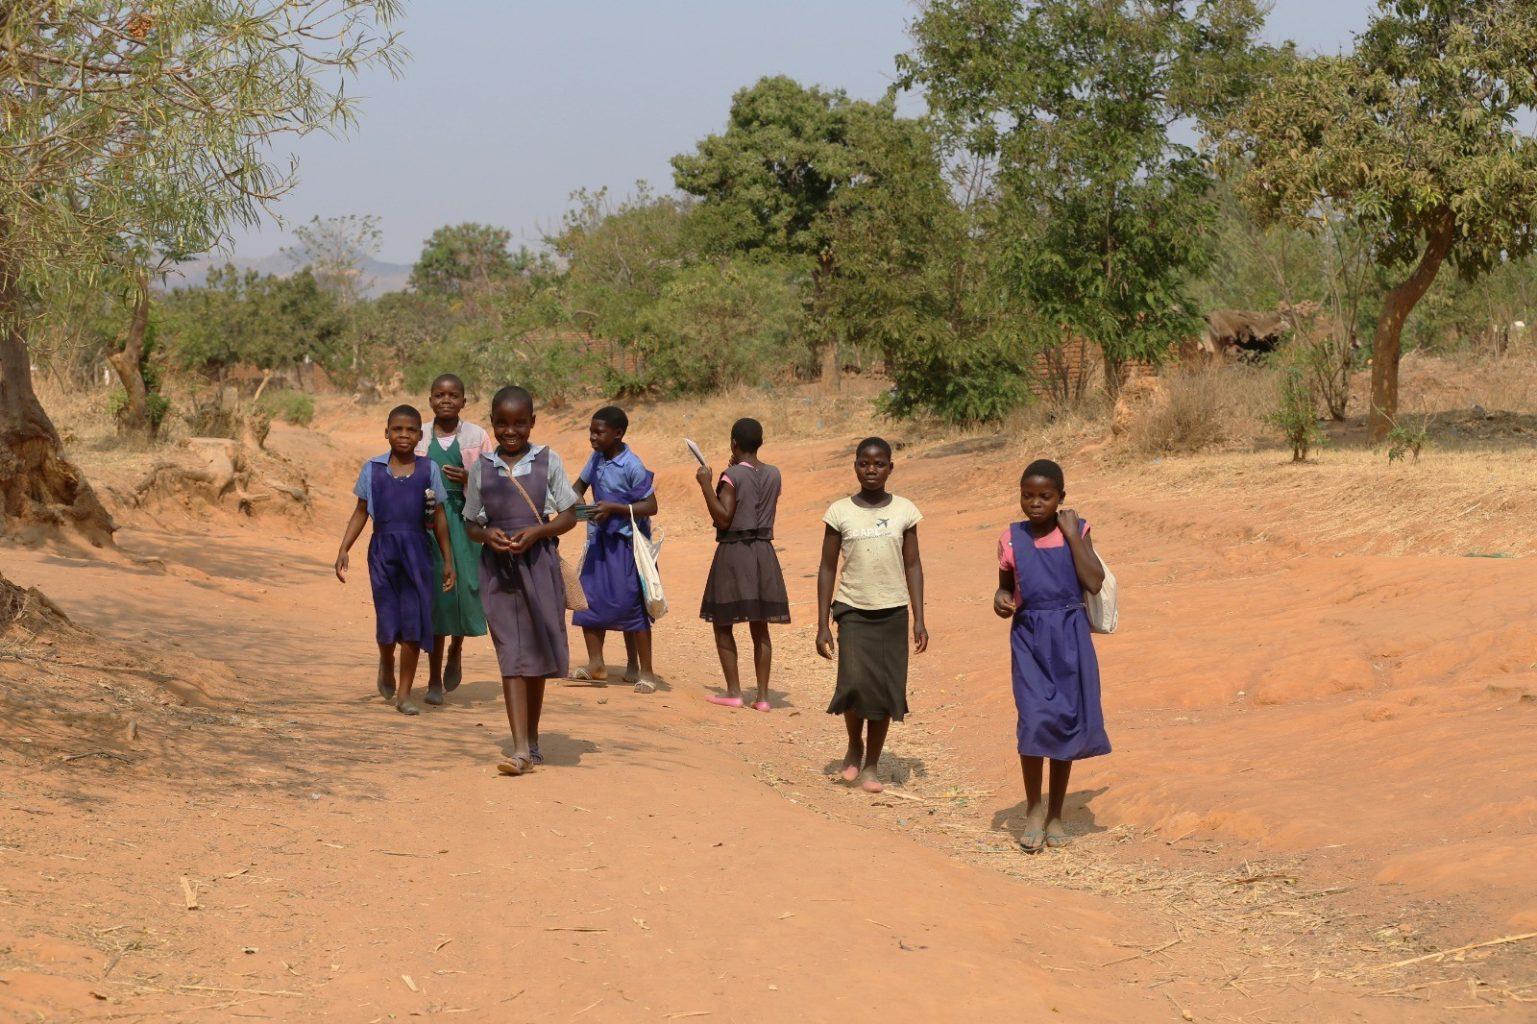 Африка Малави девушки